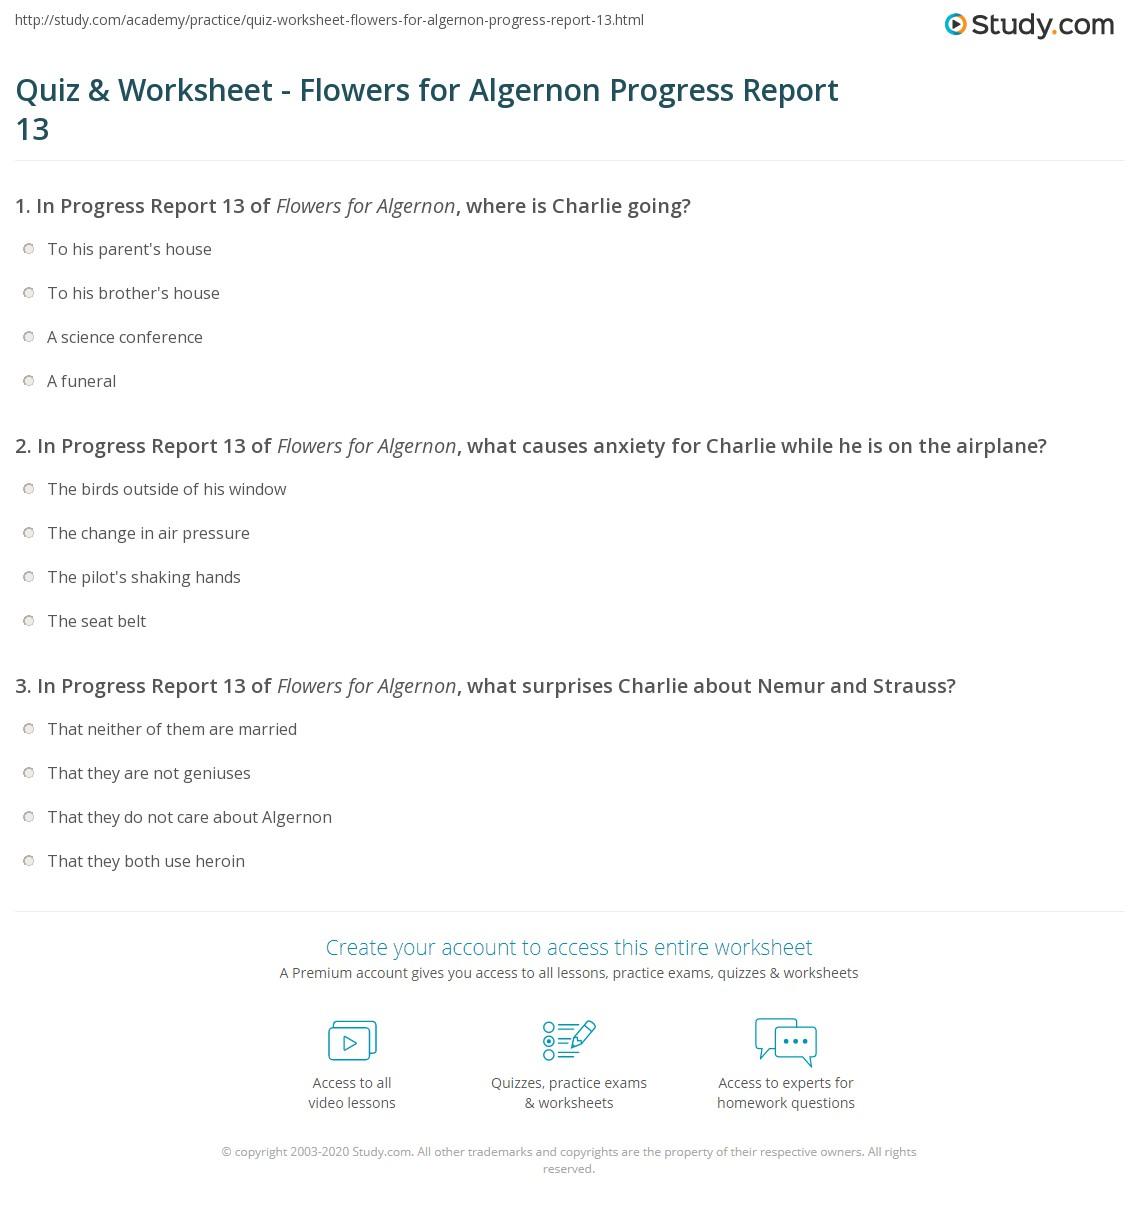 Print Flowers for Algernon Progress Report 13 Summary Worksheet